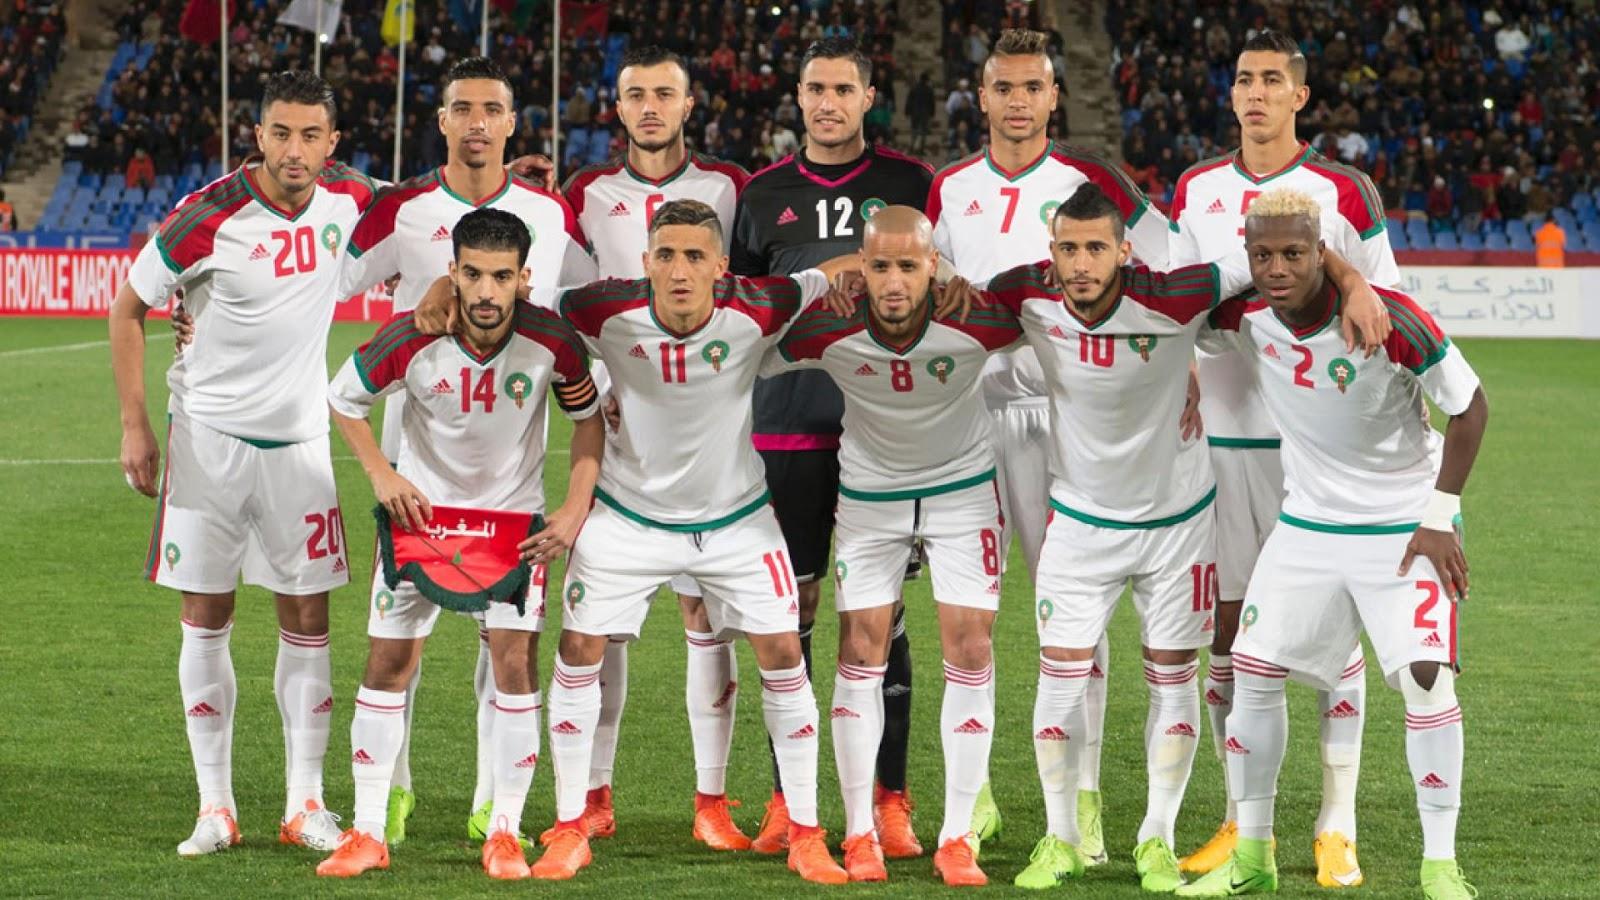 مباراة المغرب والكاميرون بث مباشر 16-11-2018 تصفيات كأس أمم أفريقيا 2019